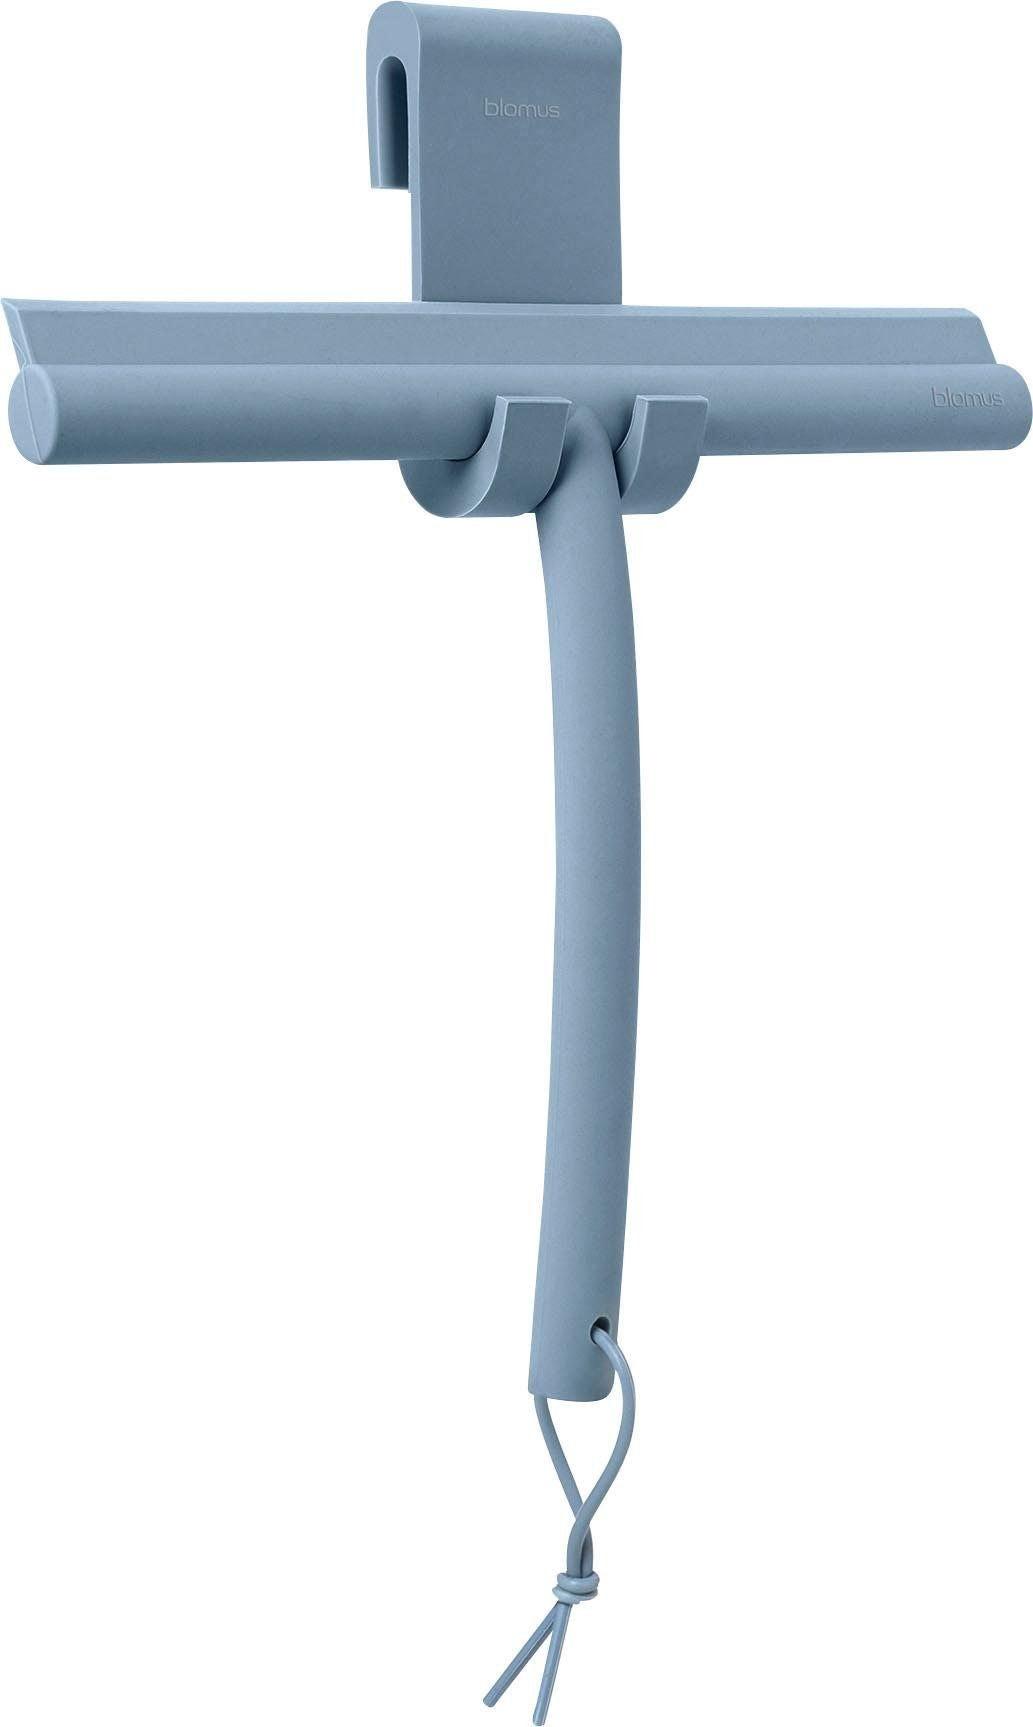 BLOMUS Wasserabzieher VIPO blau Duschzubehör Duschen Bad Sanitär